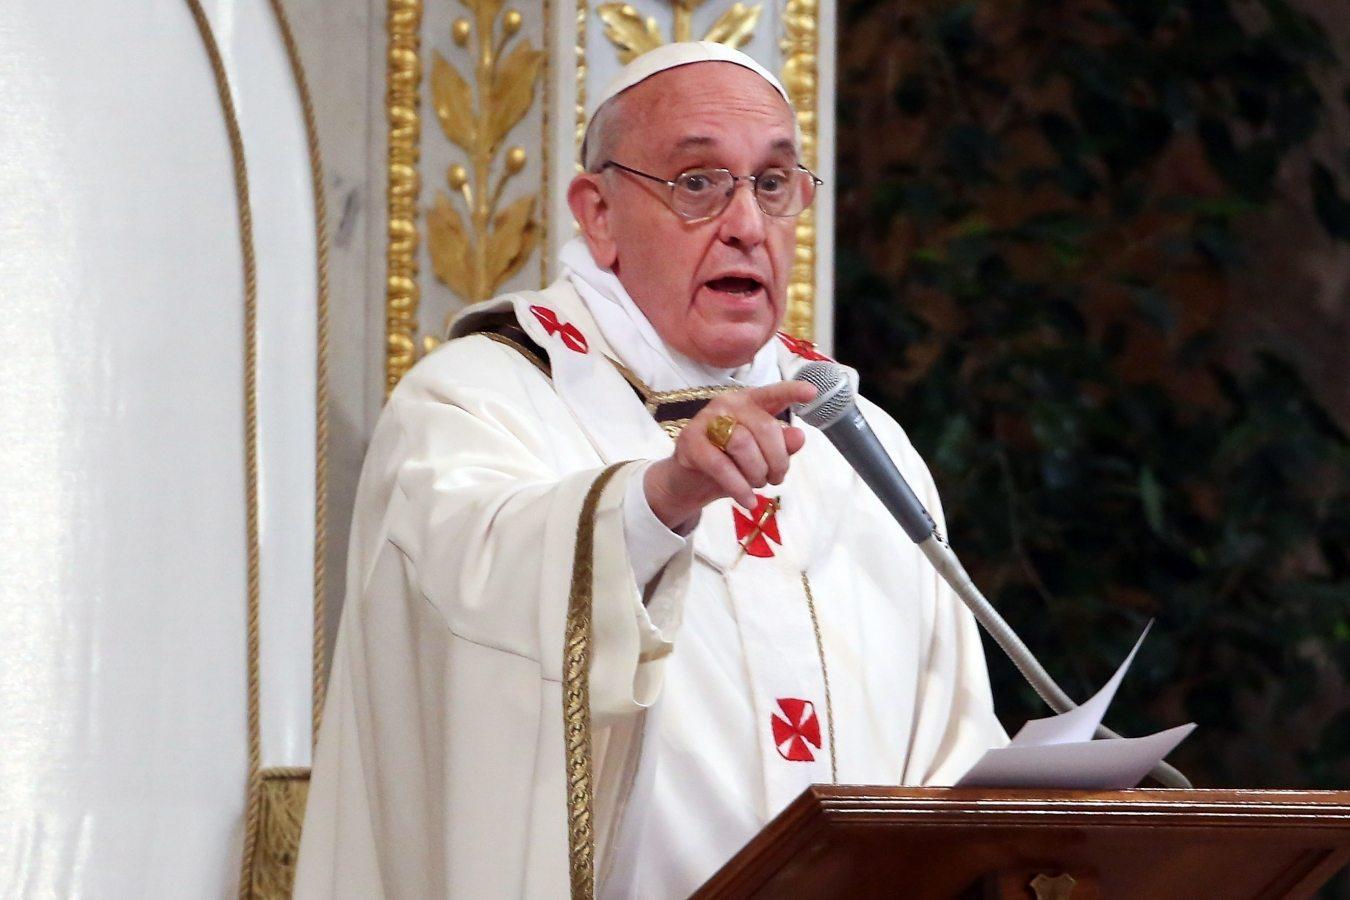 papa-francisc-cere-comunitatii-internationale-sa-ia-masuri-pentru-oprirea-atrocitatilor